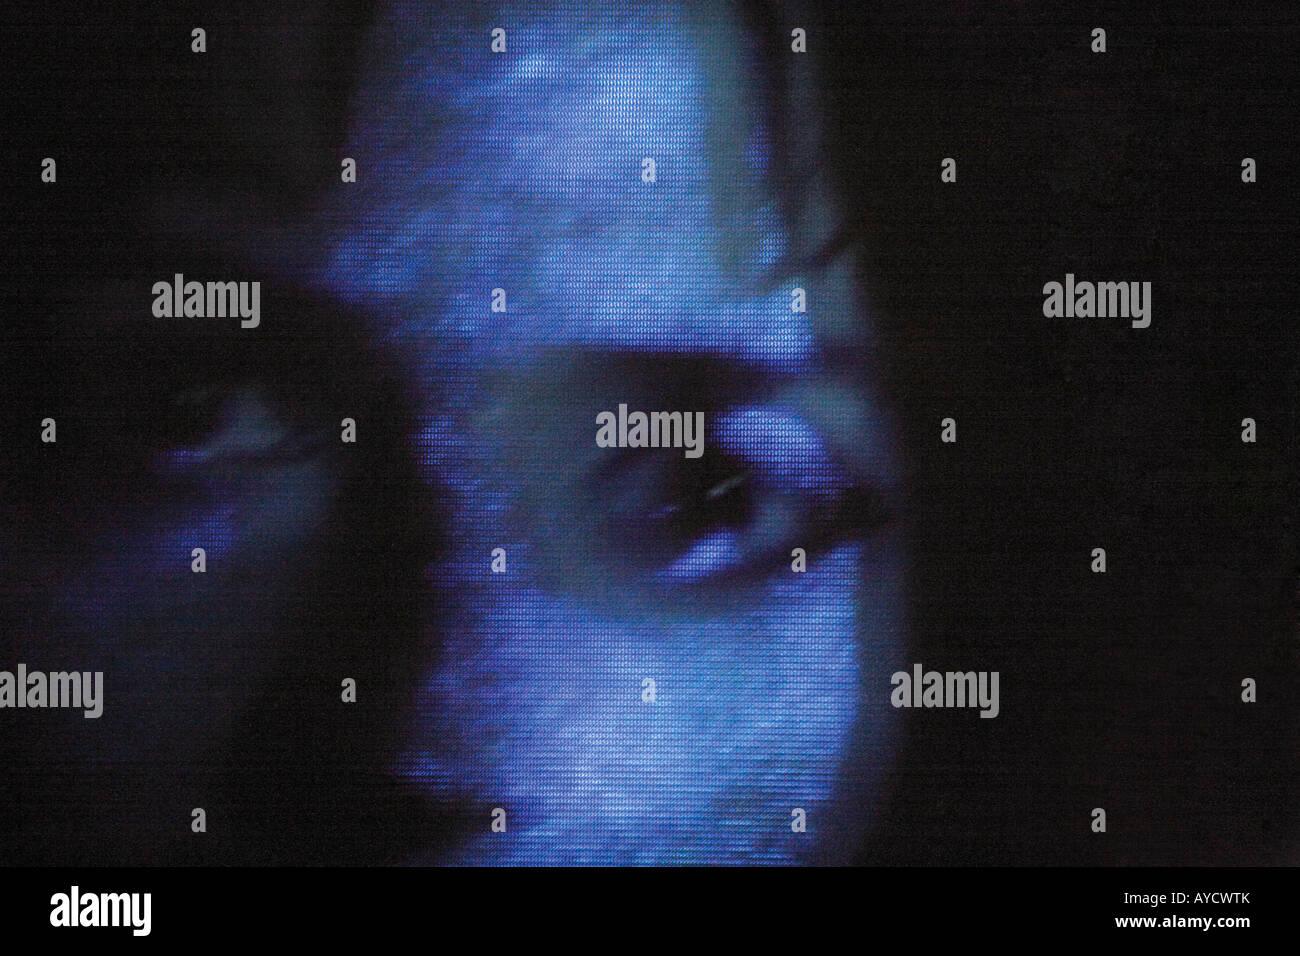 Granulosas retrato de mujer en pantalla de vídeo Imagen De Stock